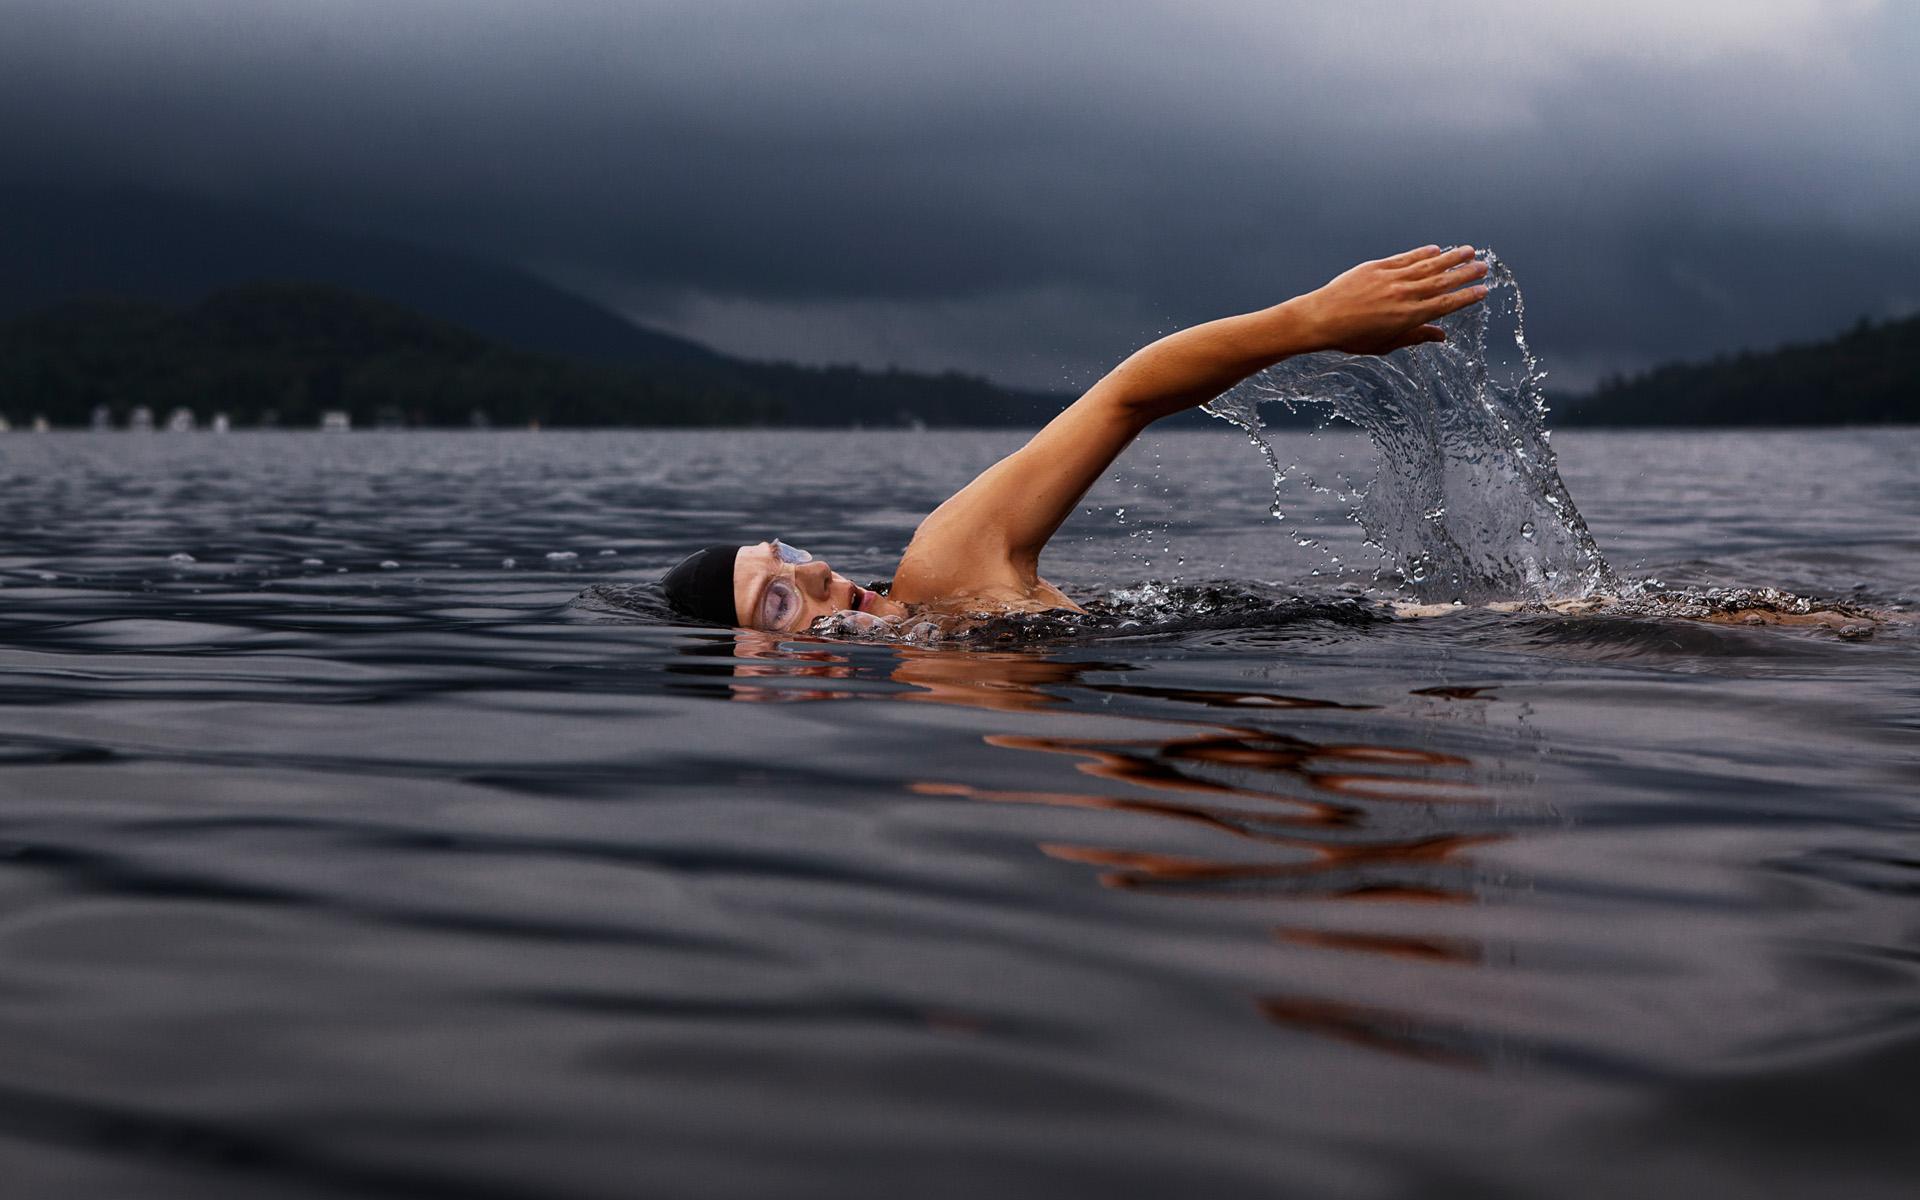 Schwimmer abonnieren 21 Titel ja diesseits